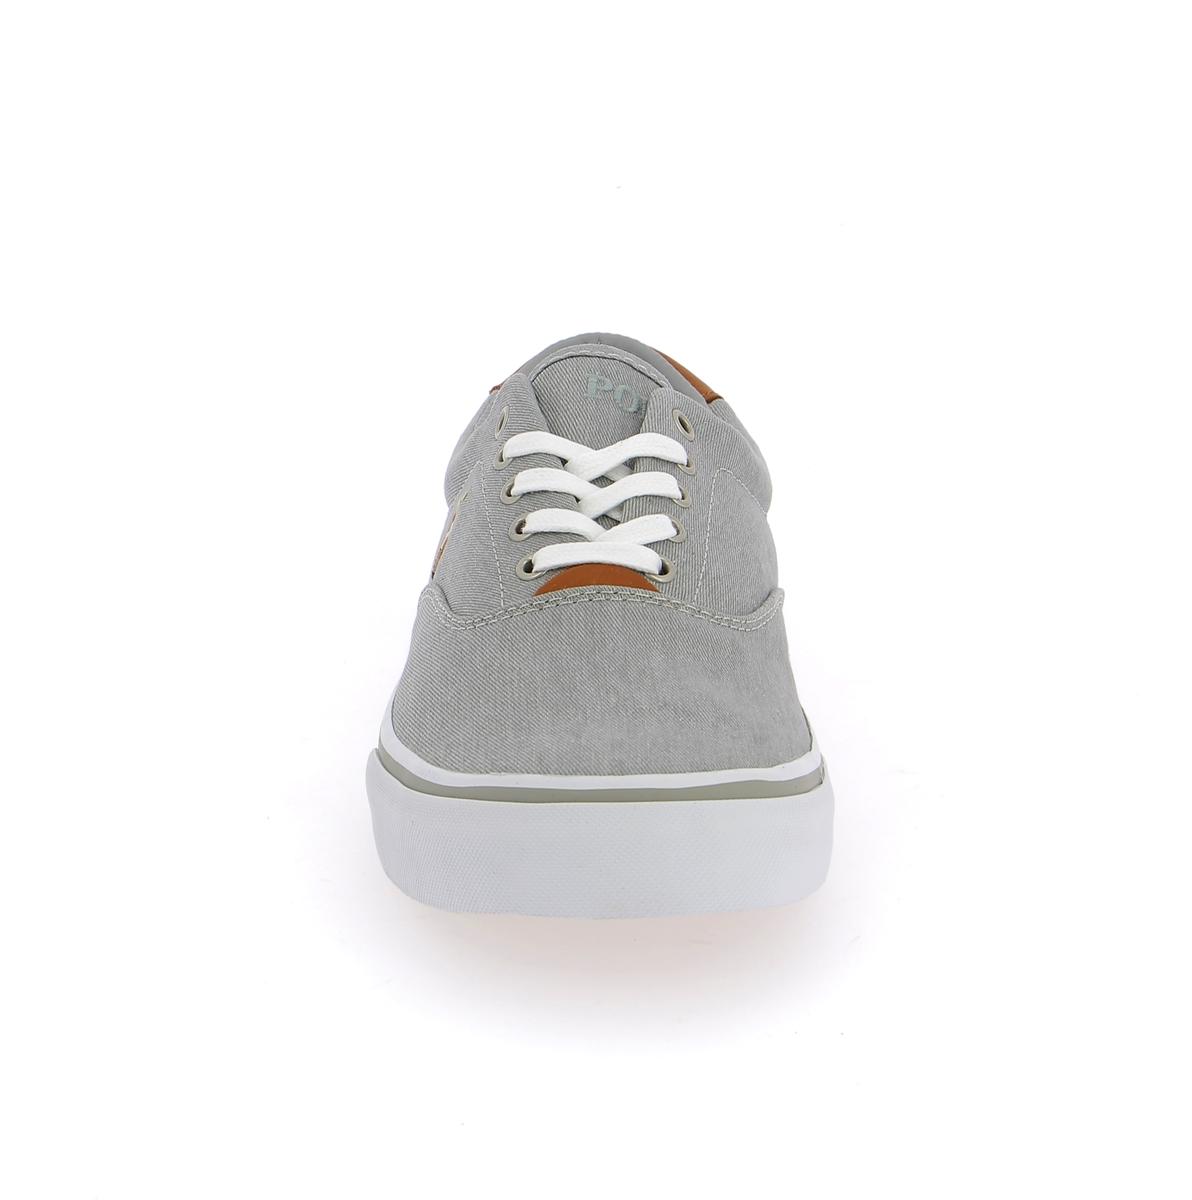 Ralph Lauren Basket gris